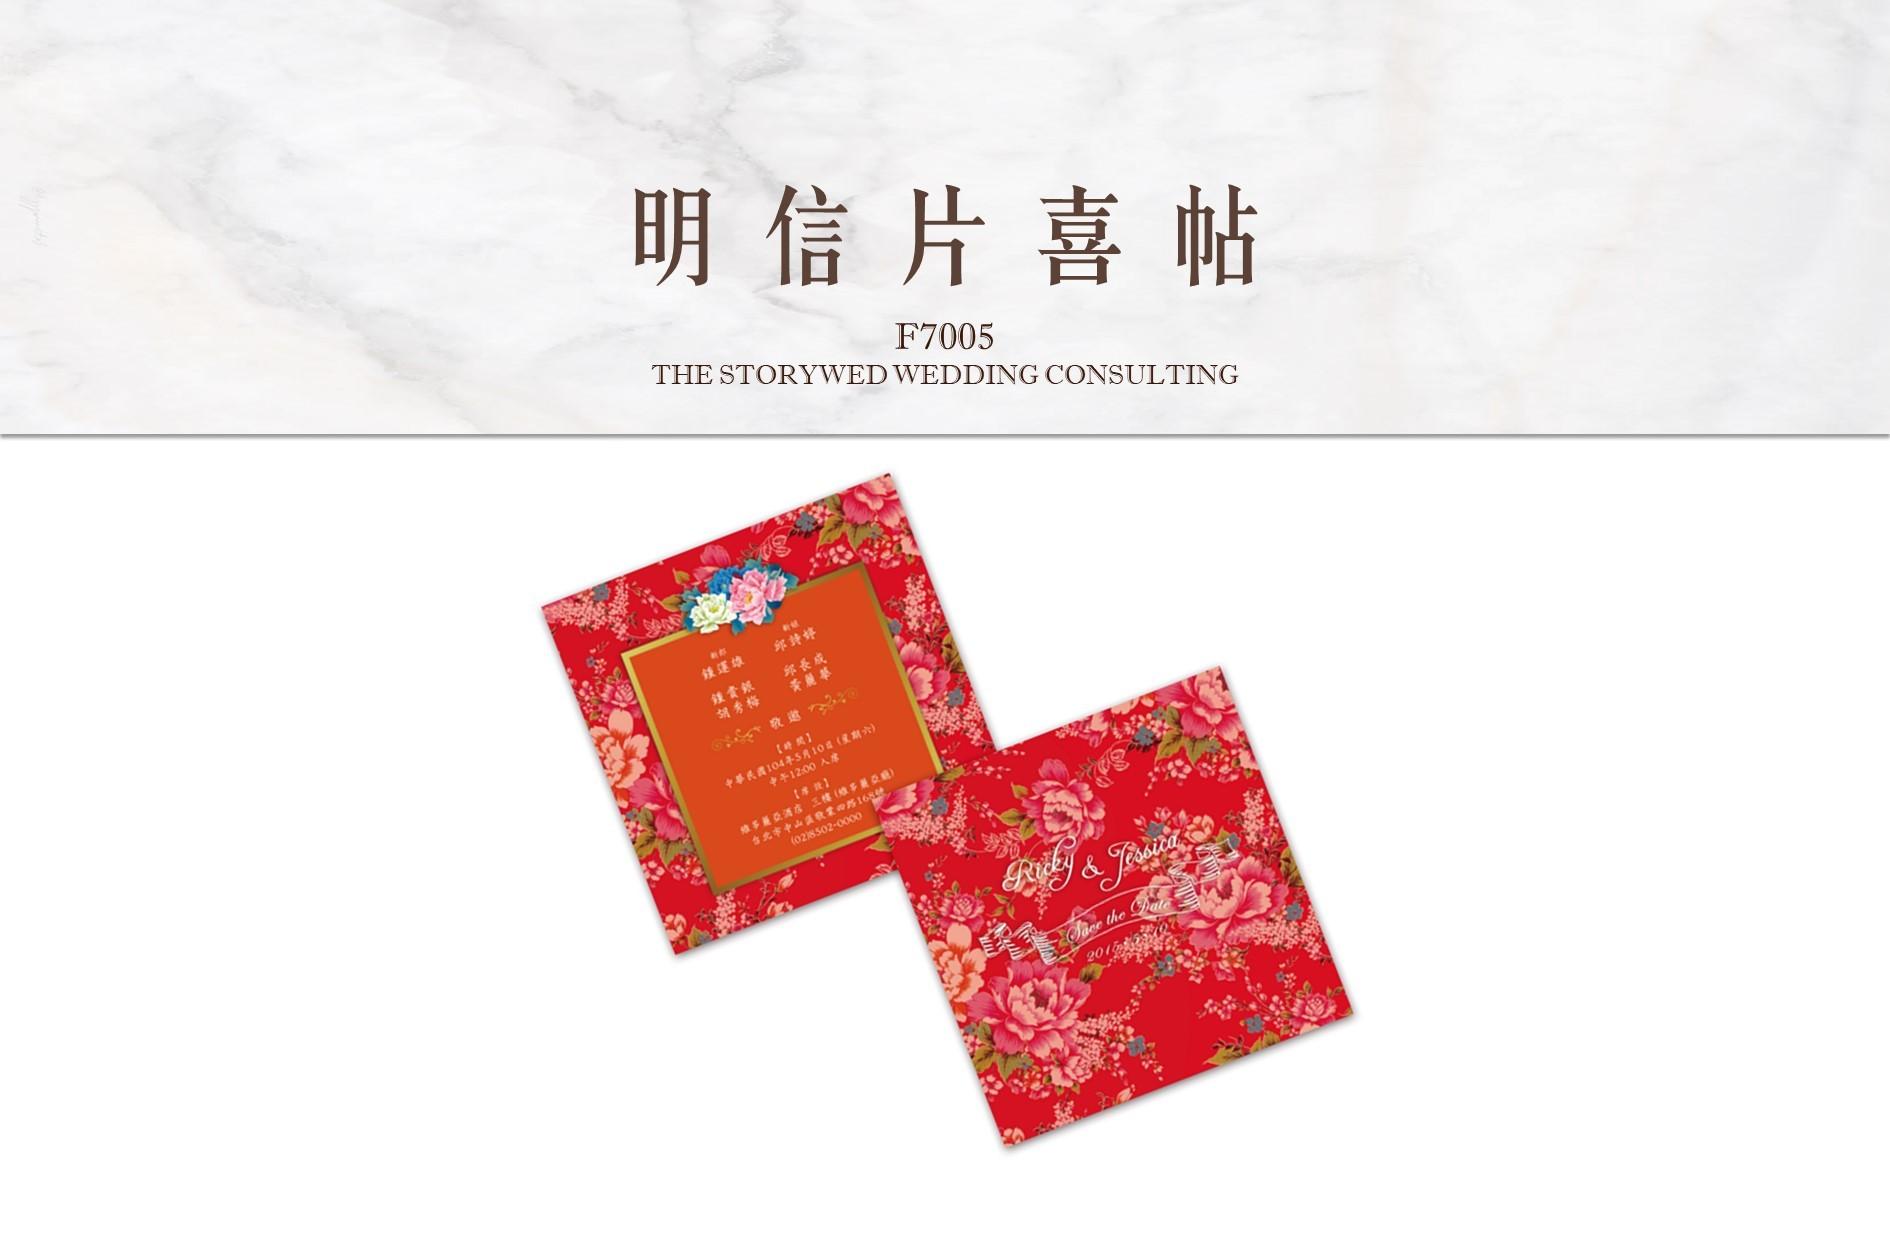 〖婚卡喜帖〗明信片喜帖 F7005